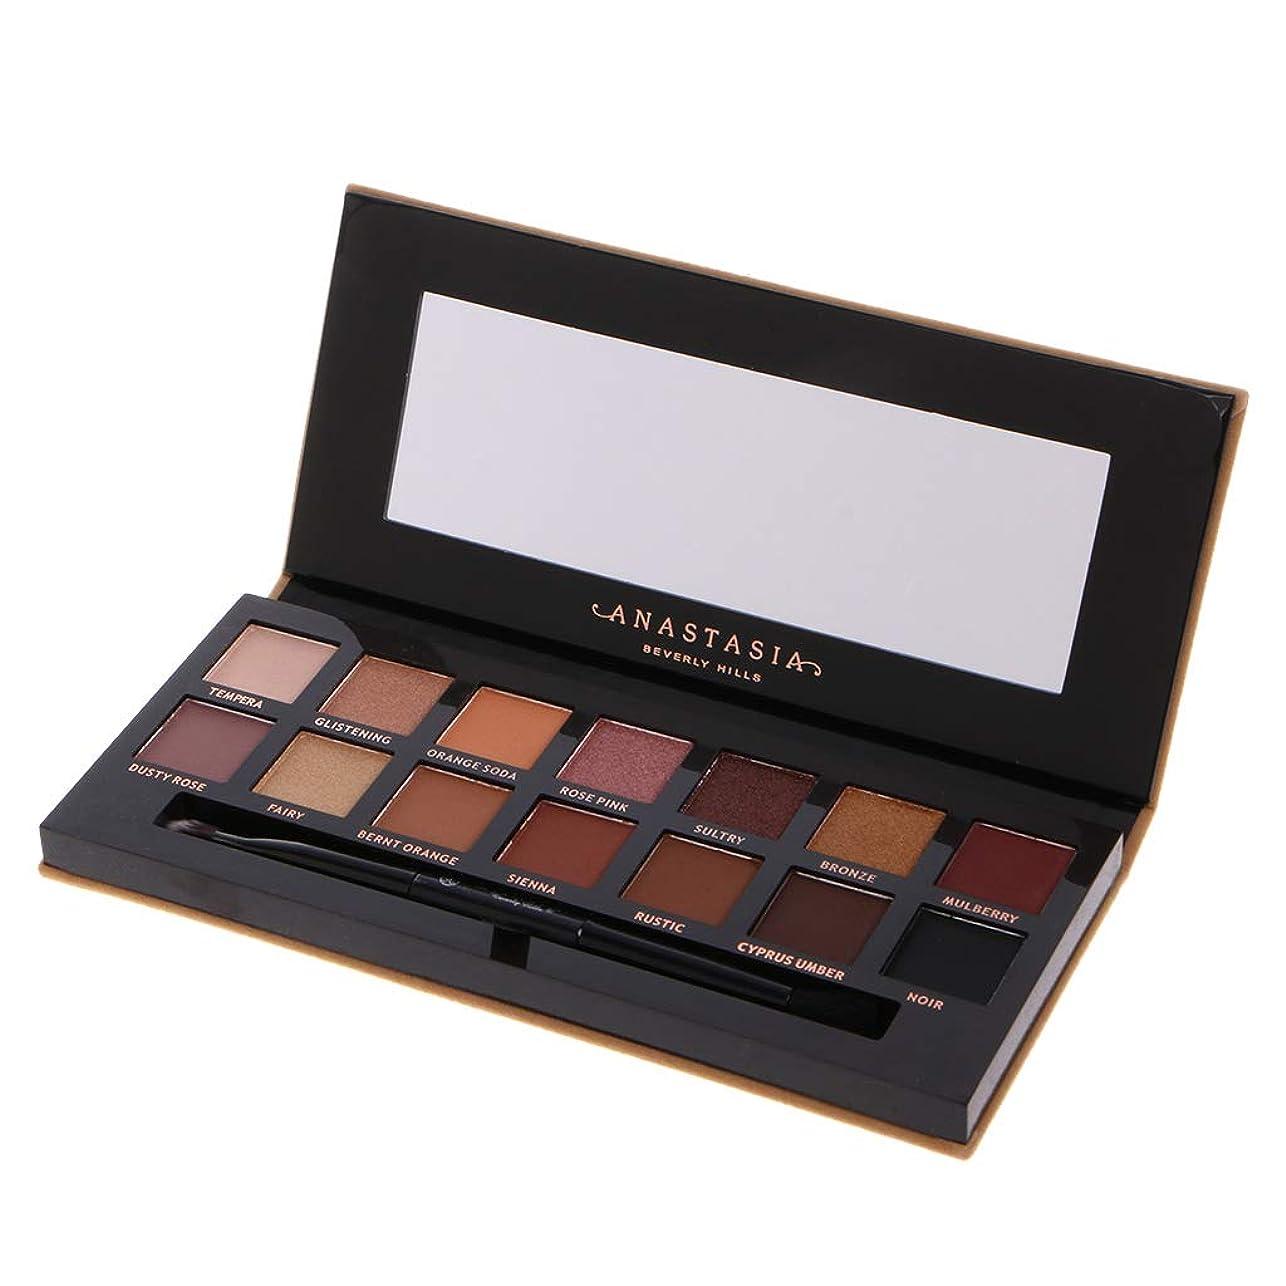 一貫した名門時制Lamdoo 1ボックス14色アイシャドウ化粧アイシャドウパレットマットハイライト光沢のあるミラーブラシでプロフェッショナルシマーパーティースモーキーヌード化粧品